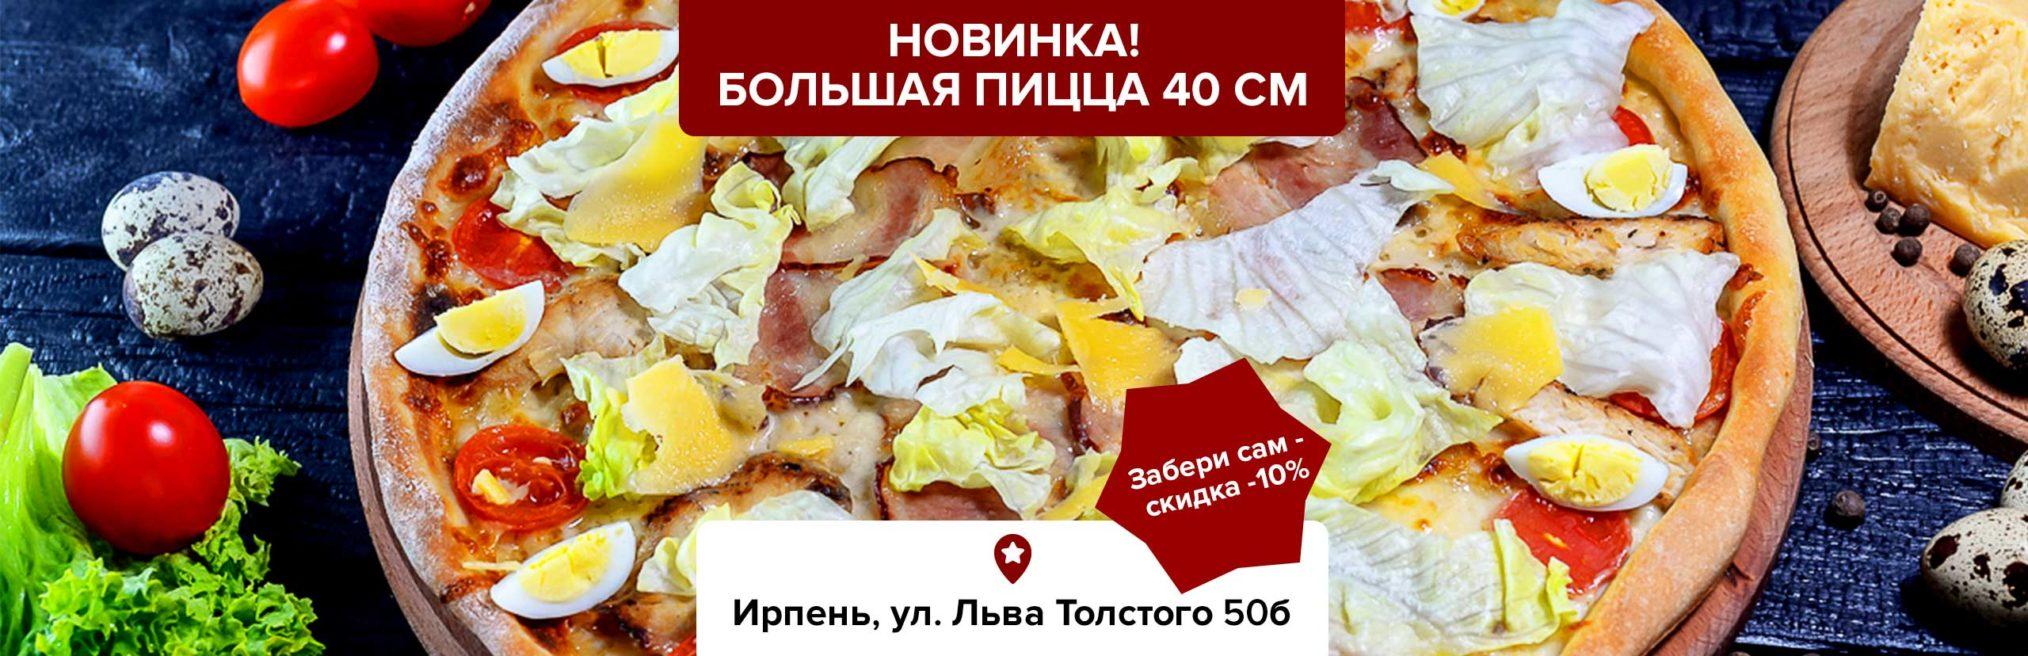 Большая пицца 40 см Pablito - фото